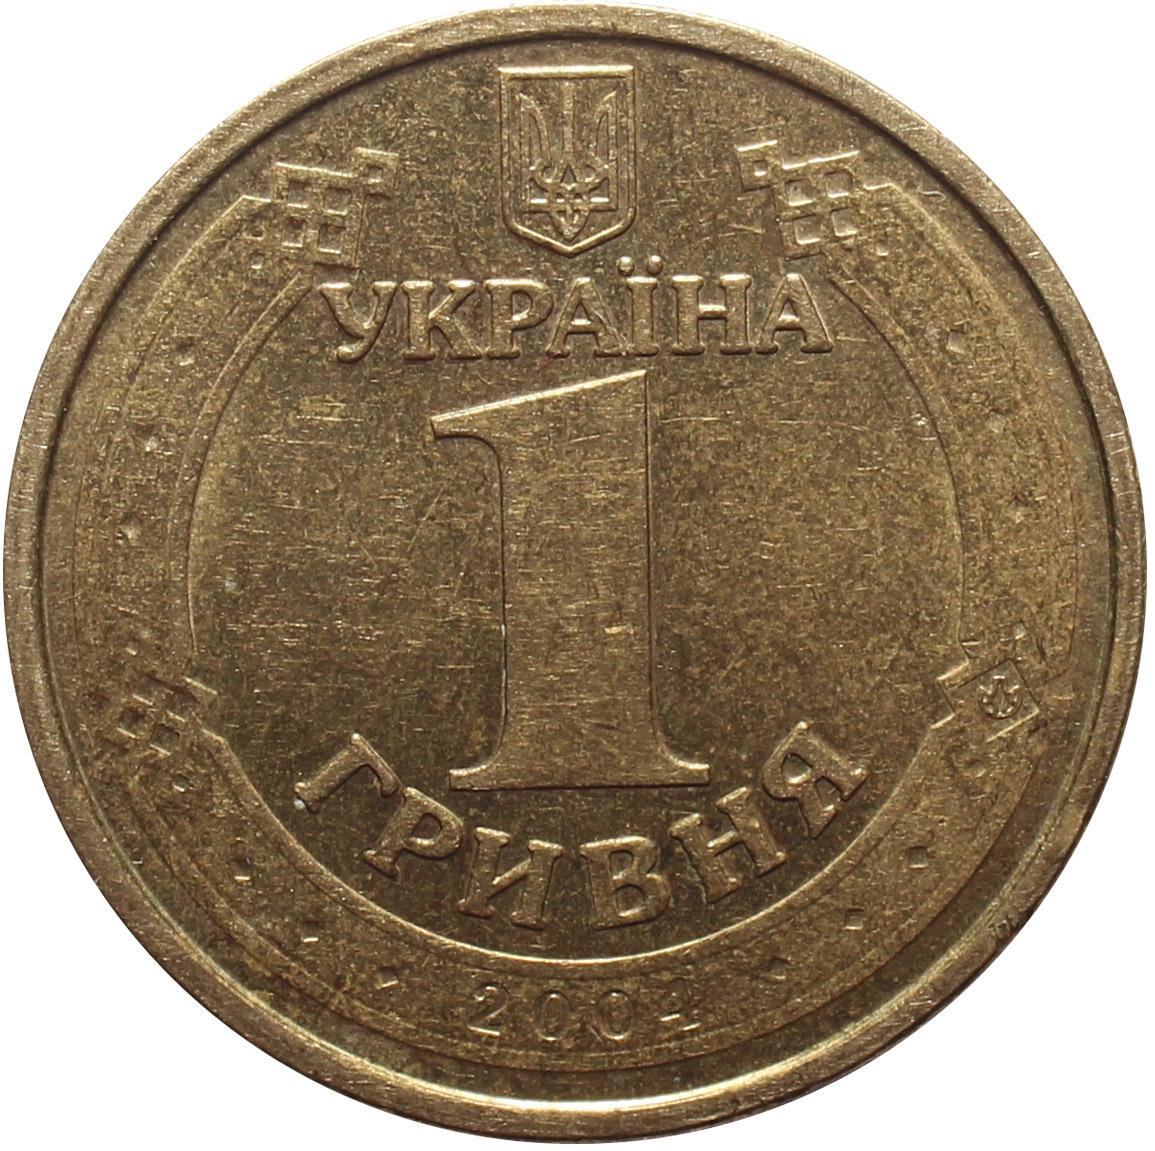 1 гривна 2004 год. 60 лет освобождения Украины от фашистских захватчиков. Украина